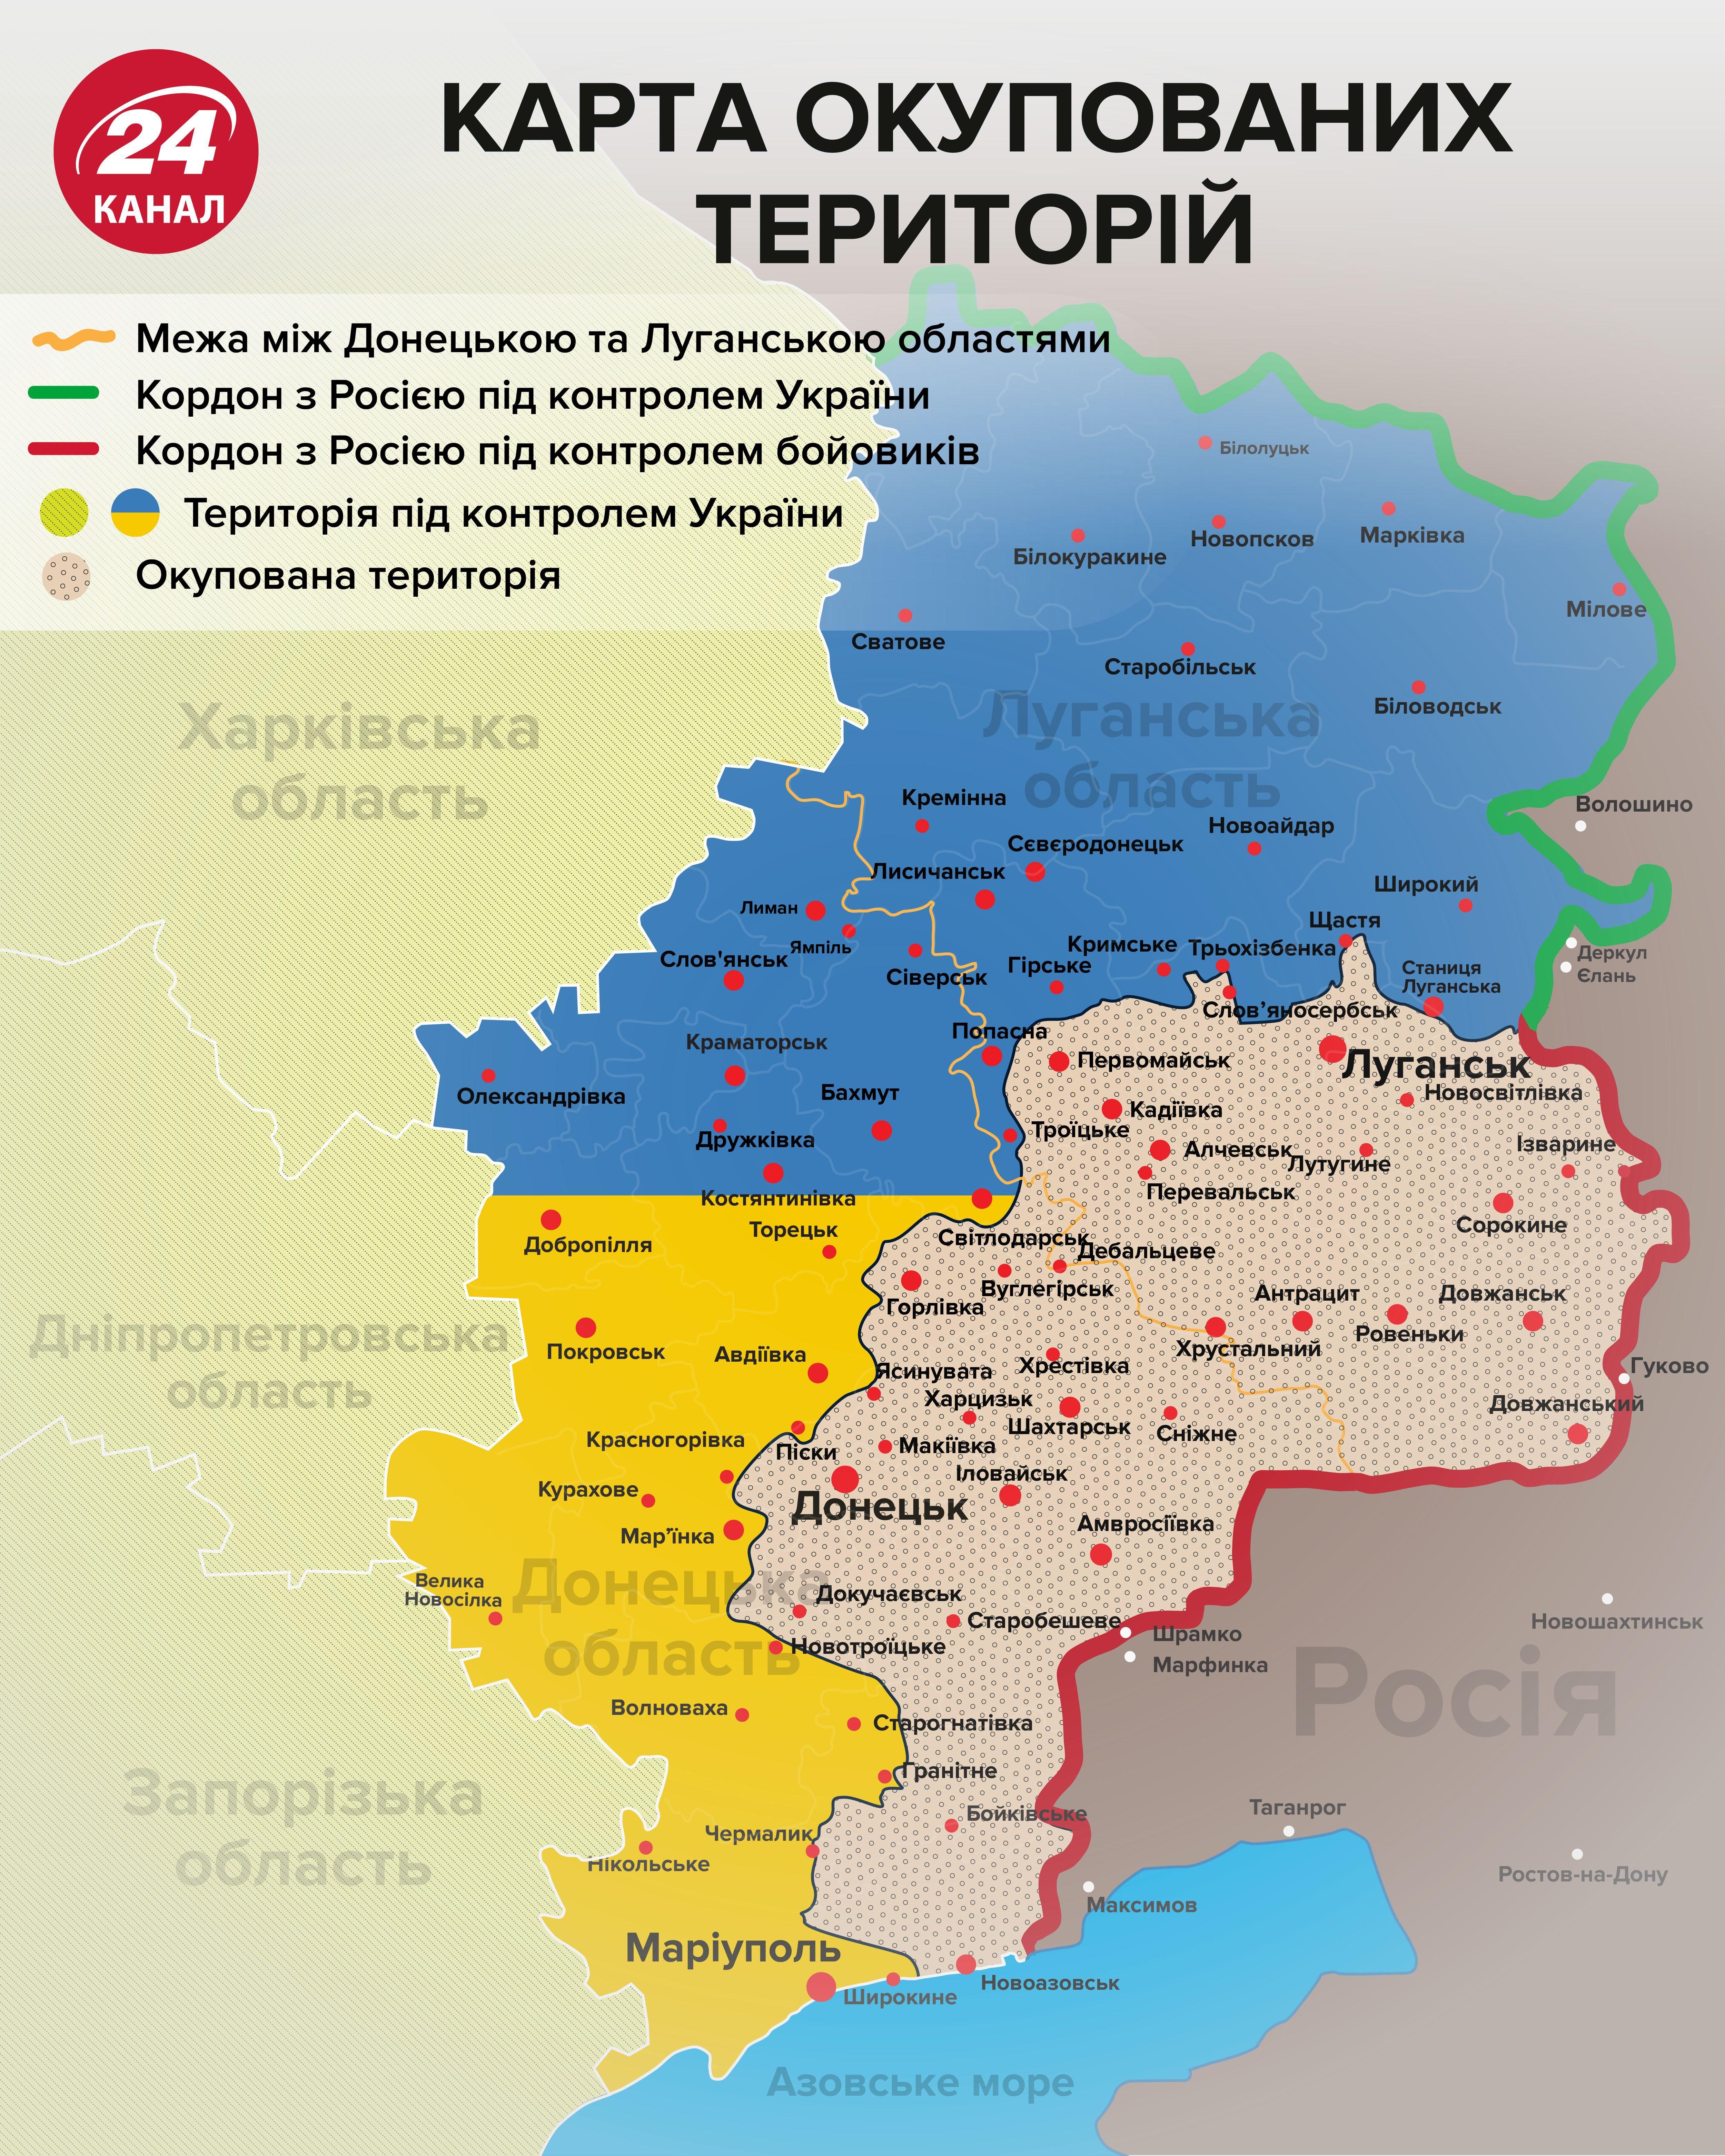 Наемники России снова открыли огонь: где зафиксировали обстрелы